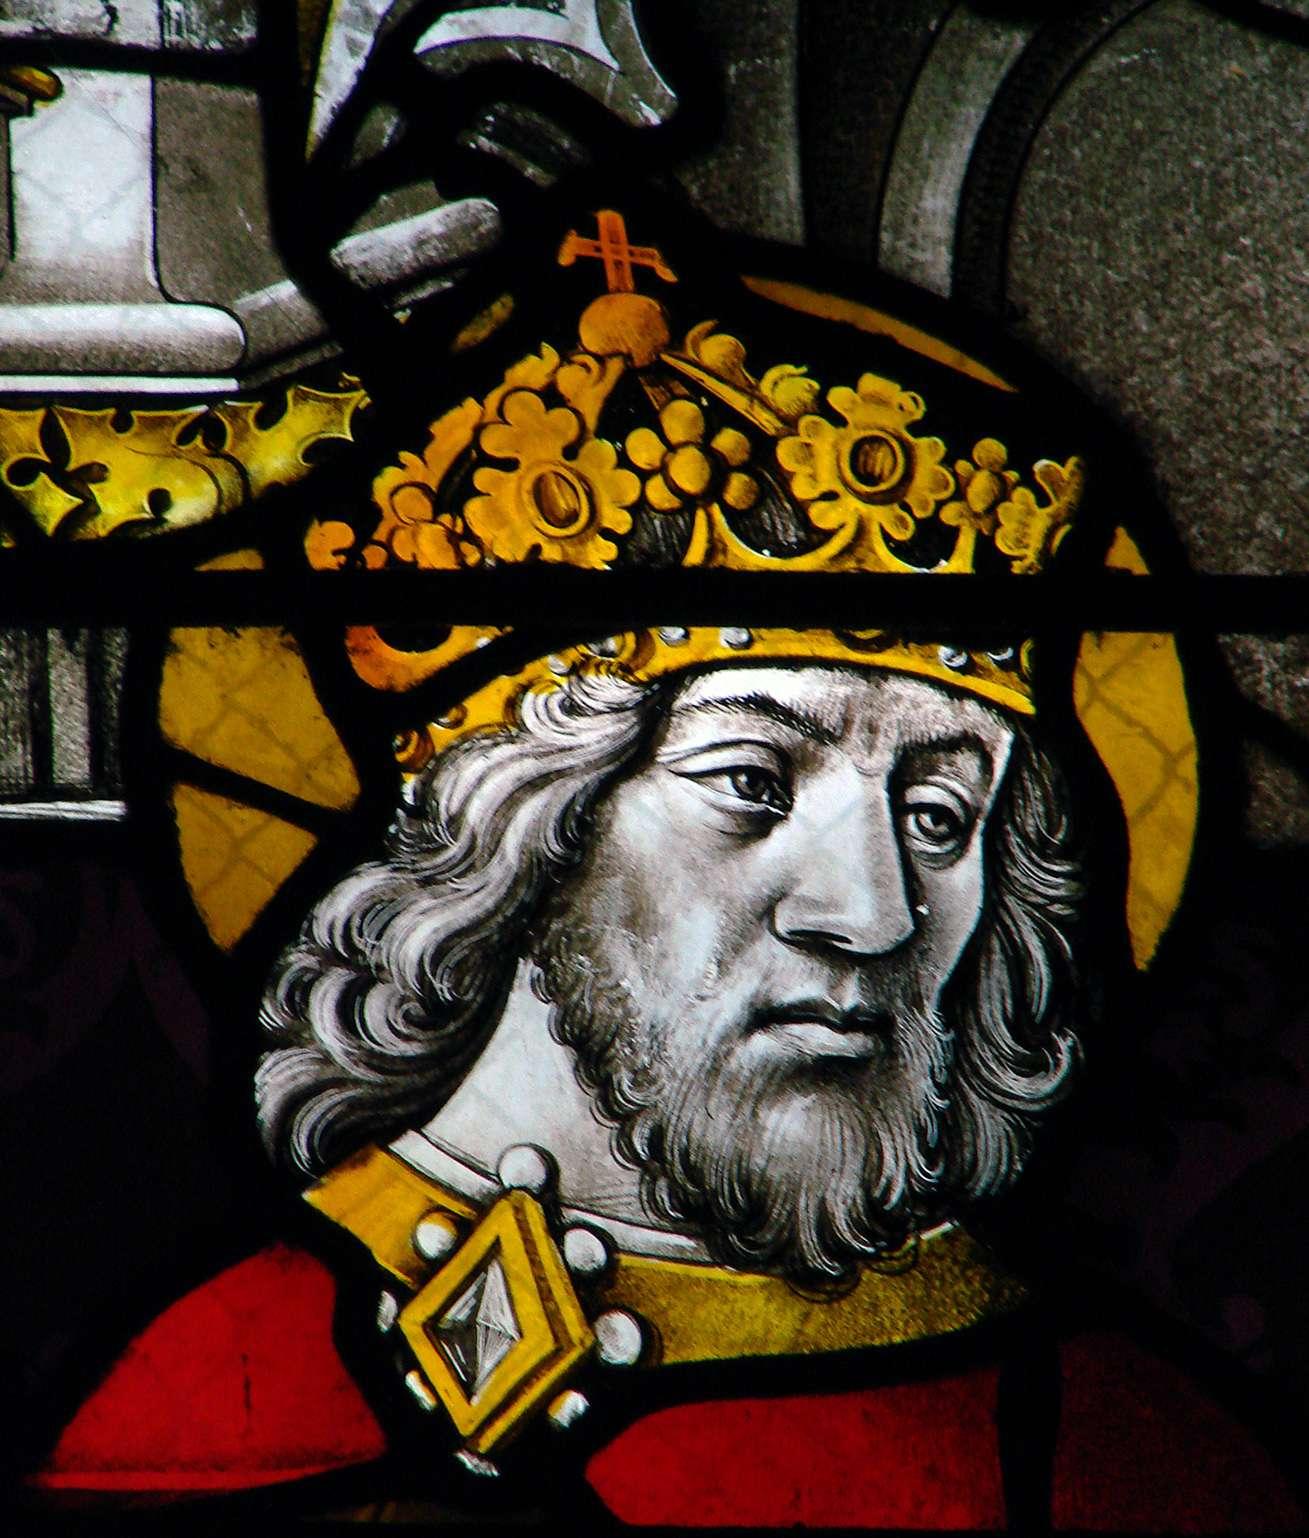 Βιτρώ με την προσωπογραφία του Καρλομάγνου (κυβ. 768–814), Καθεδρικός Ναός της Μουλέν, 15ος αιώνας.